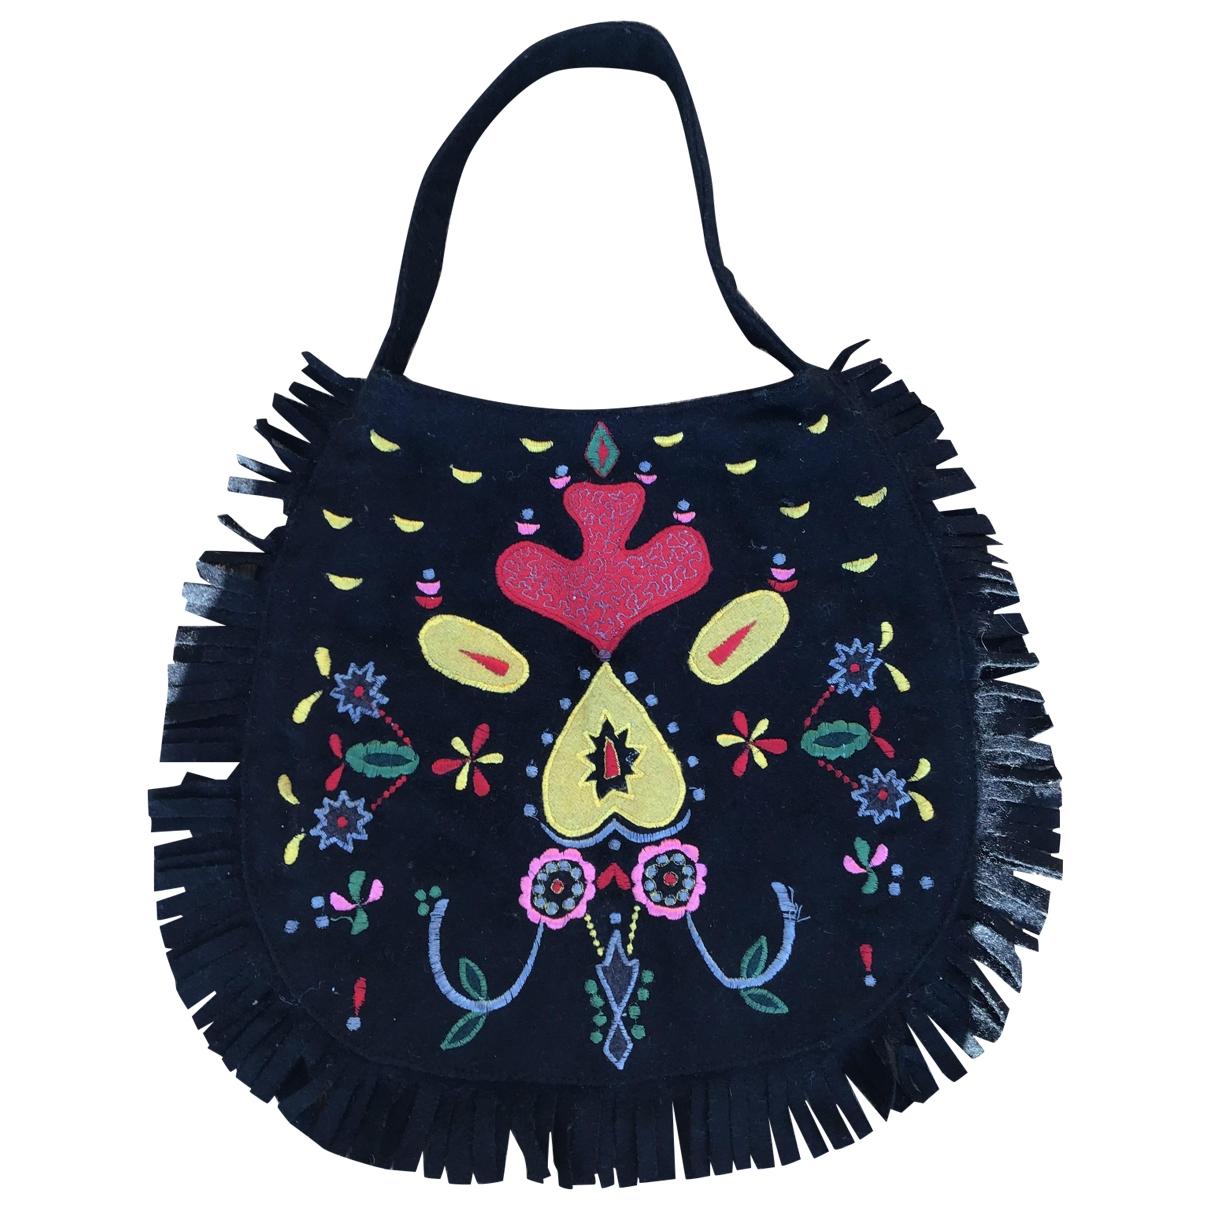 Antik Batik \N Handtasche in  Schwarz Wolle